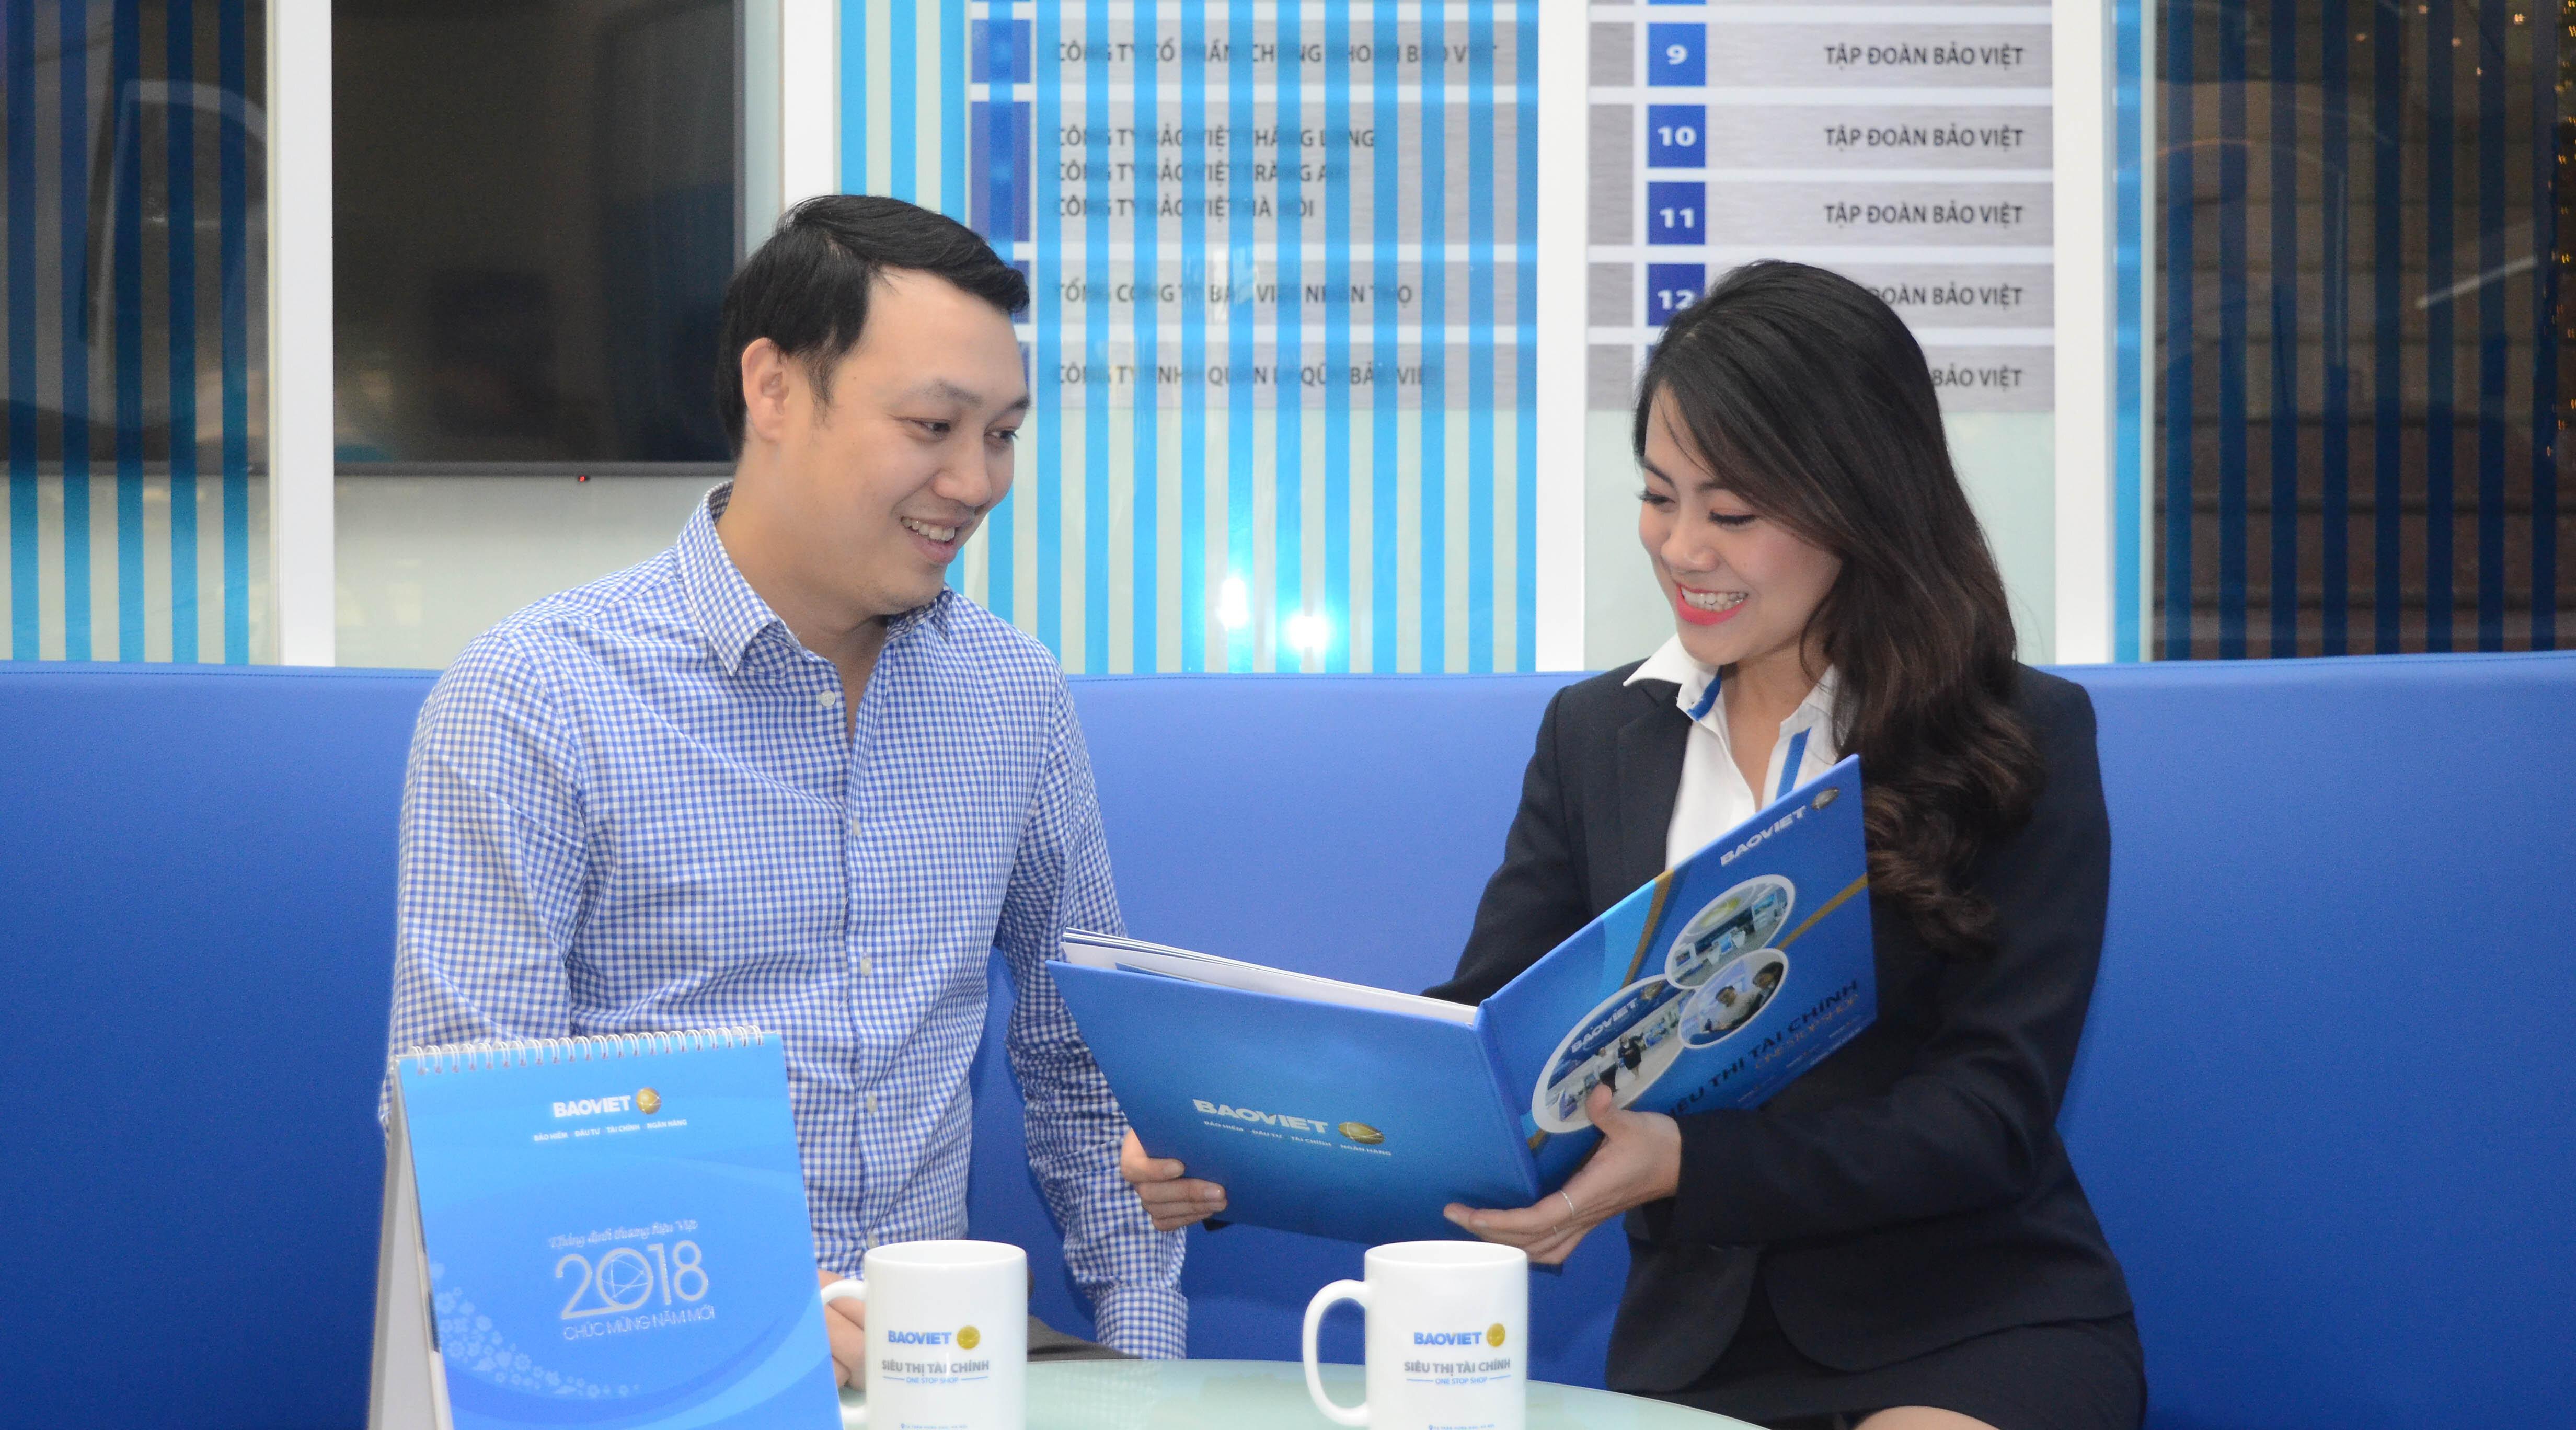 Bảo Việt tiếp tục giữ vị trí số 1 thị trường bảo hiểm nhân thọ và phi nhân thọ